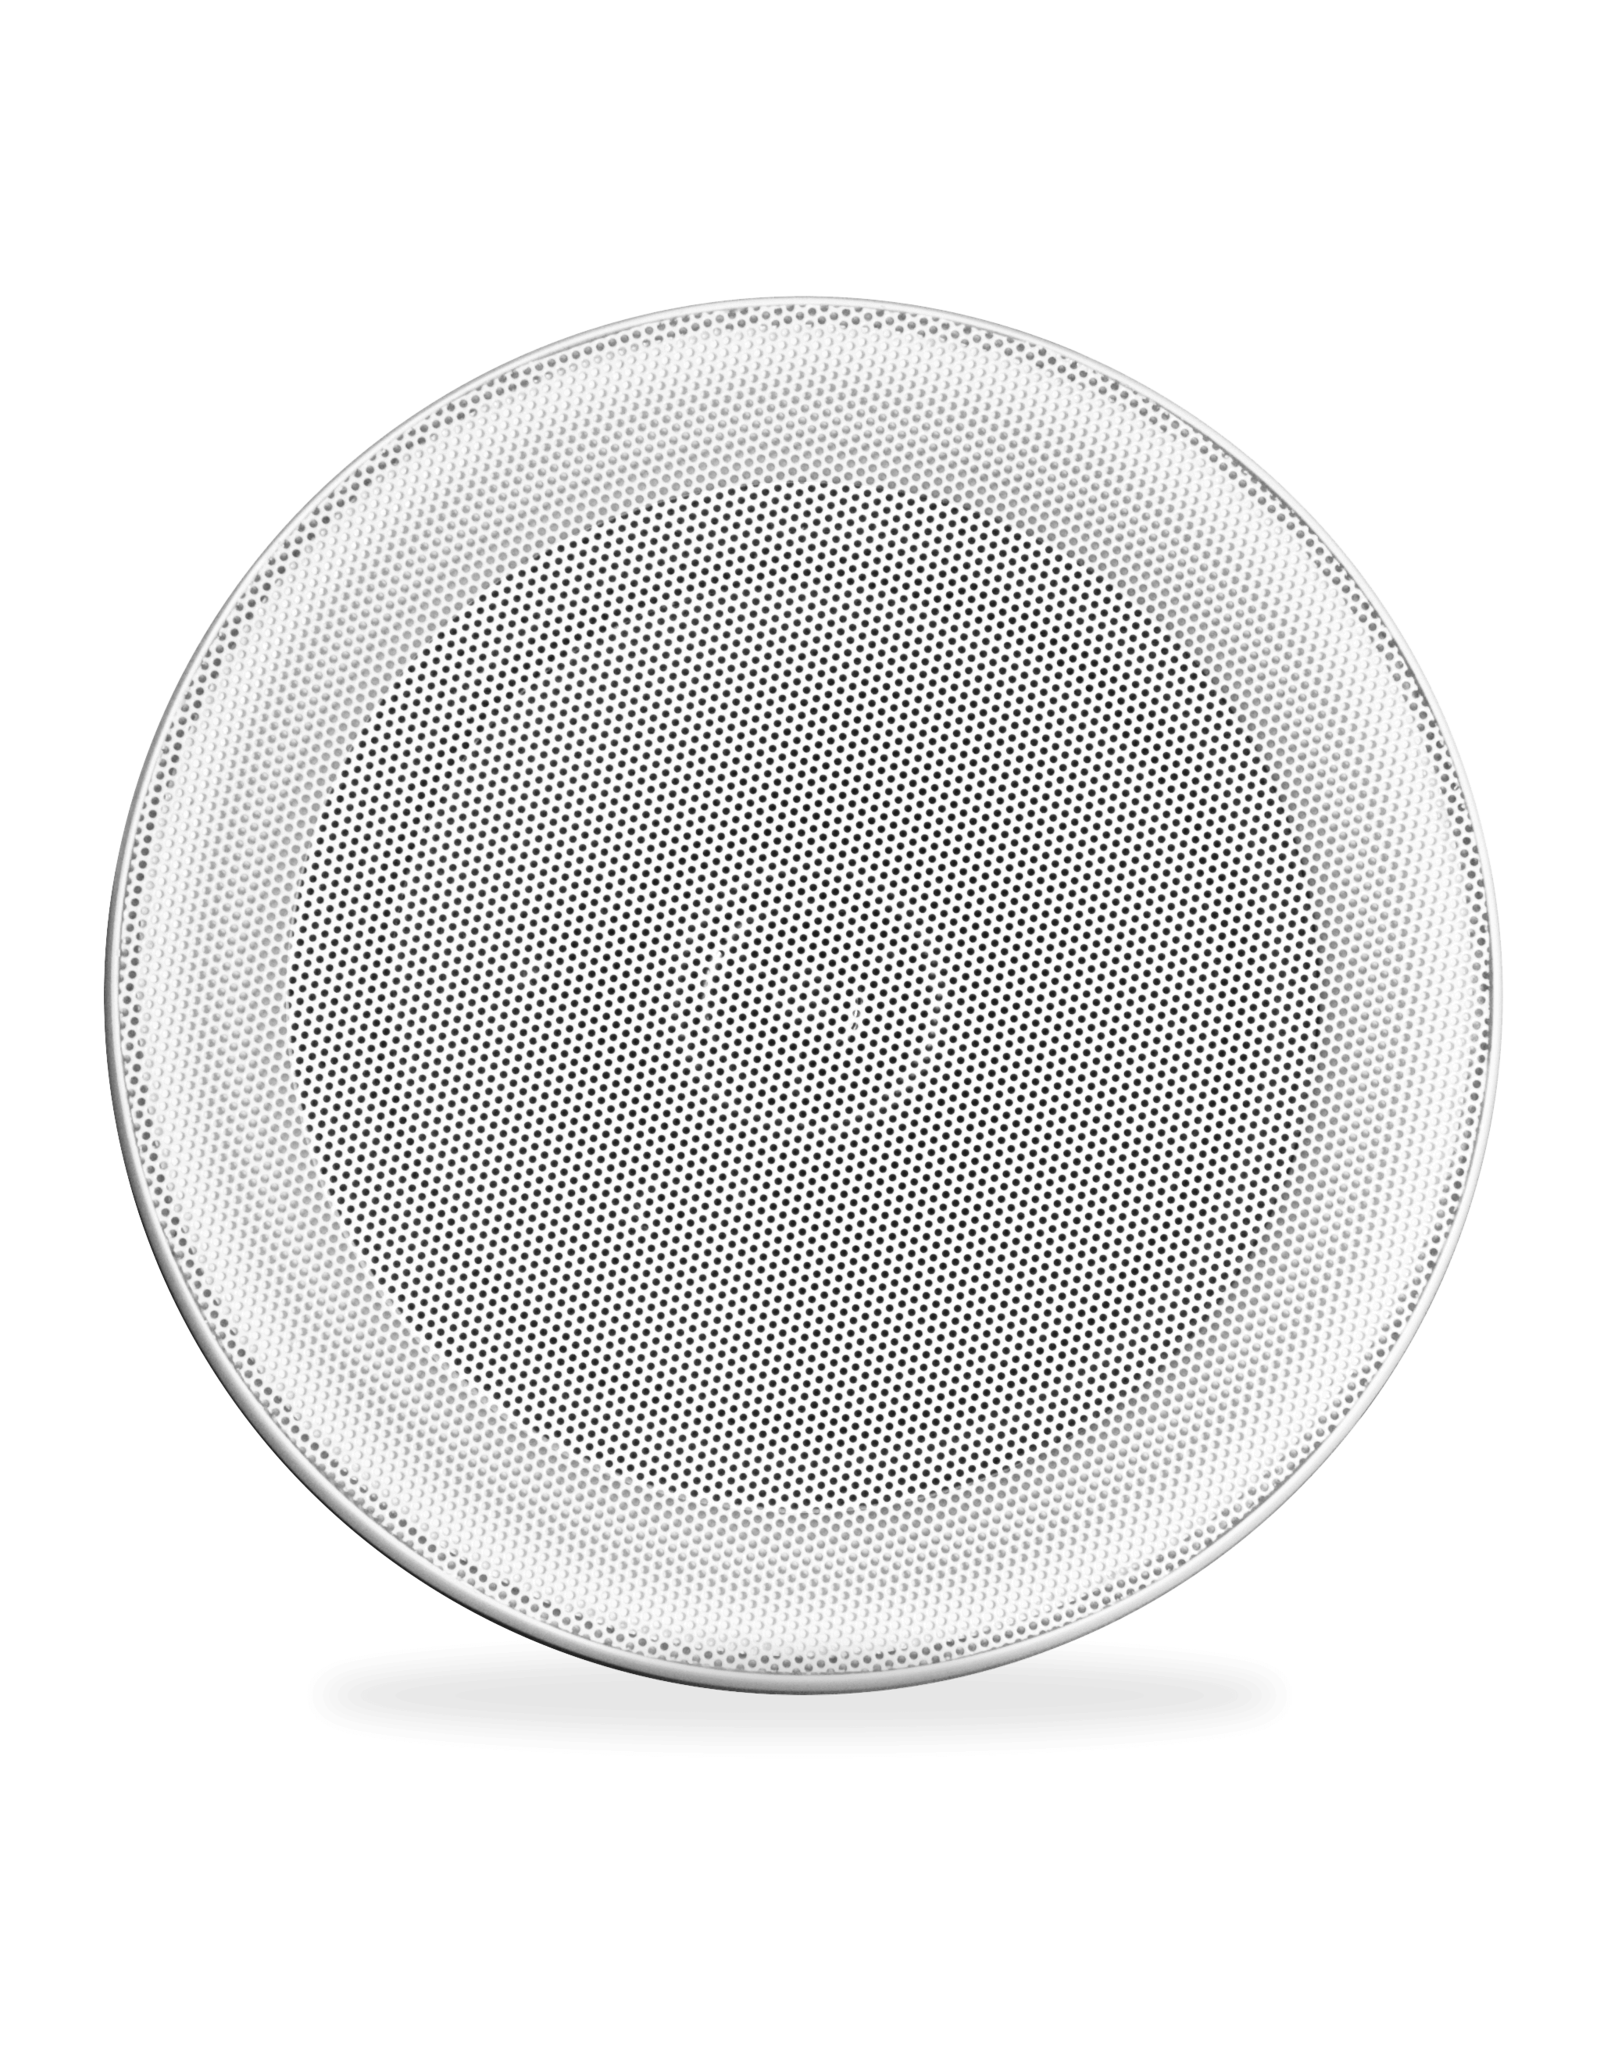 Audac Flush mount 2-way sauna speaker 20W RAL9010